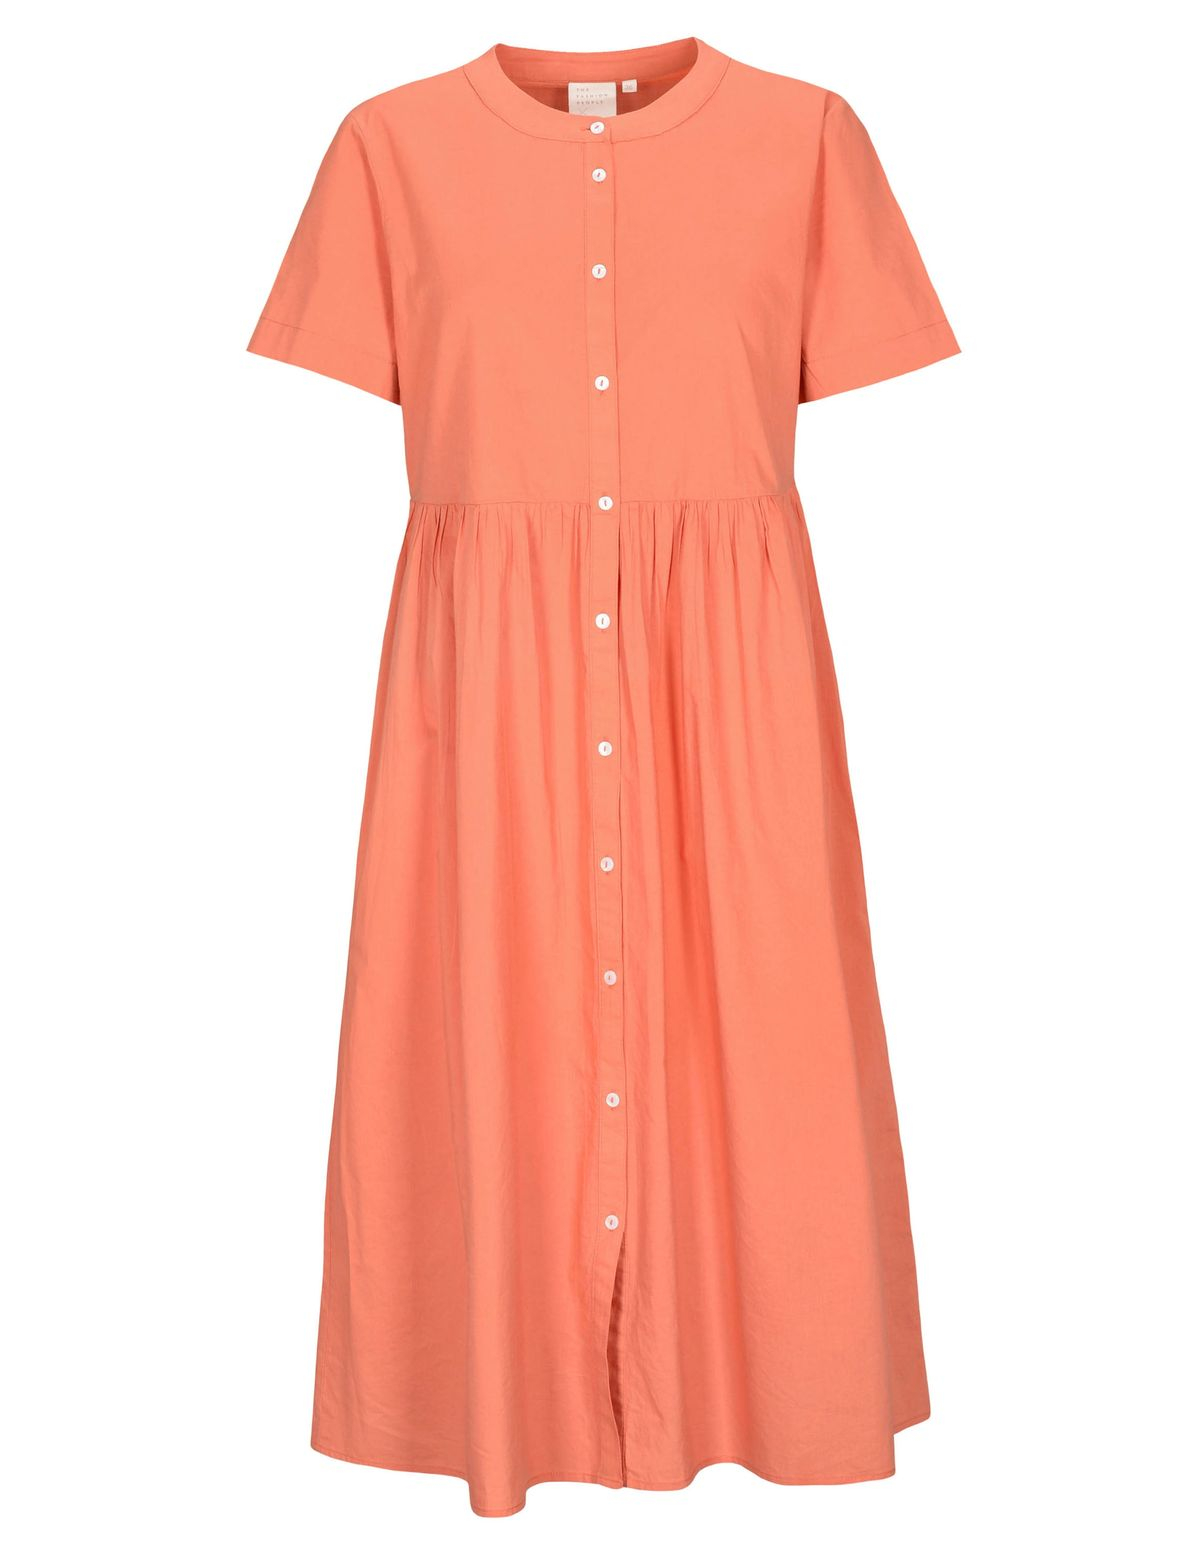 Kleid Organic Cotton mit durchgehender Knopfleiste - Sienna